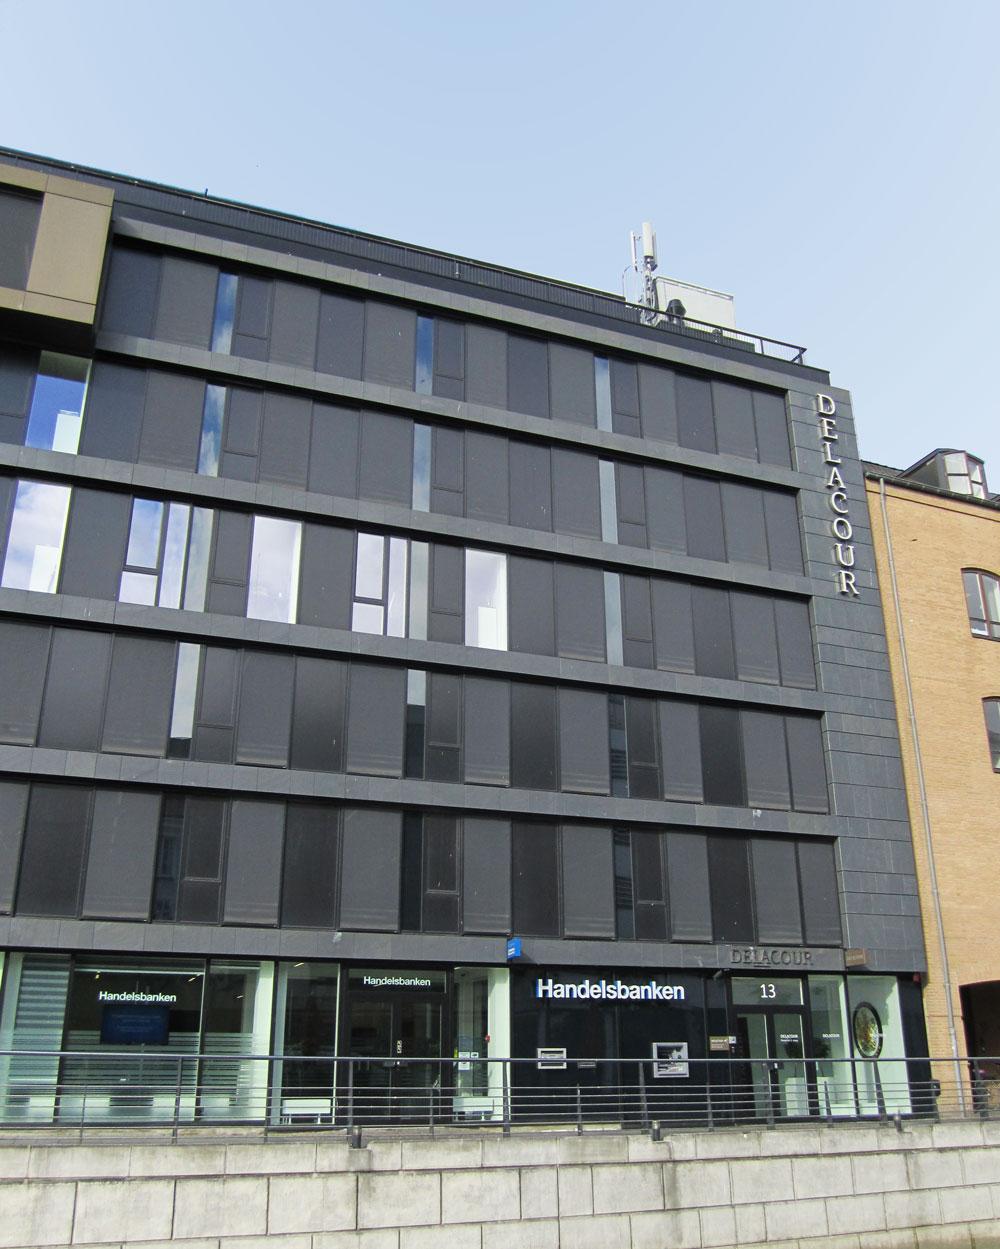 handelsbanken-aarhus-city_3